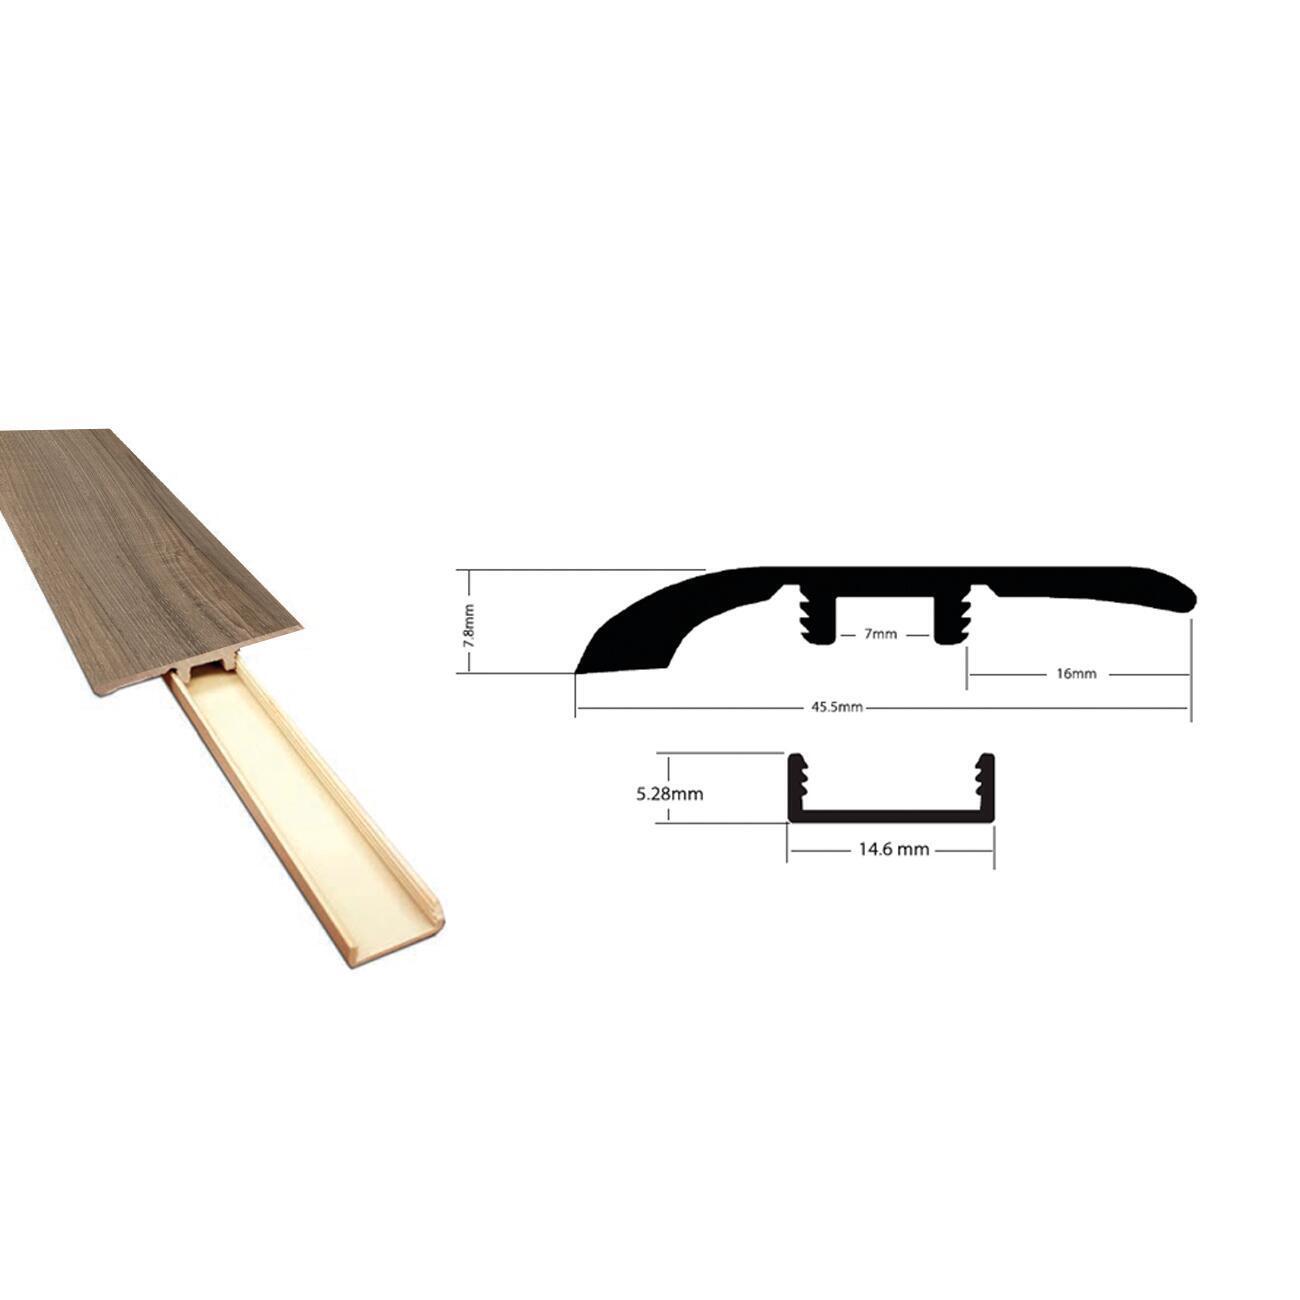 Profilo soglia 45.5 mm x 240 cm - 3